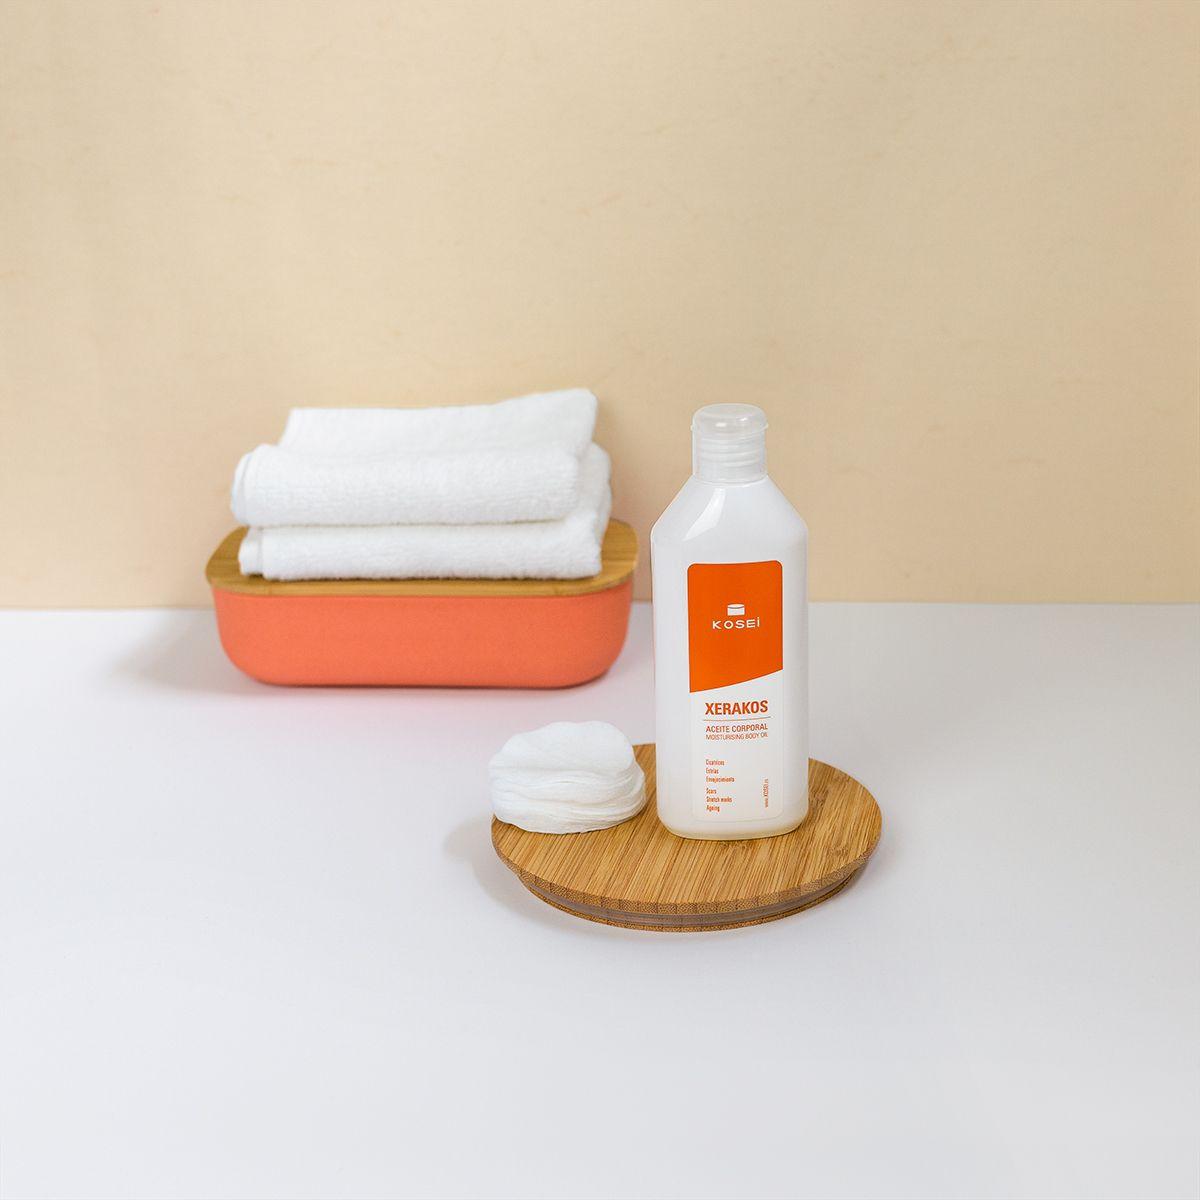 piel atópica productos